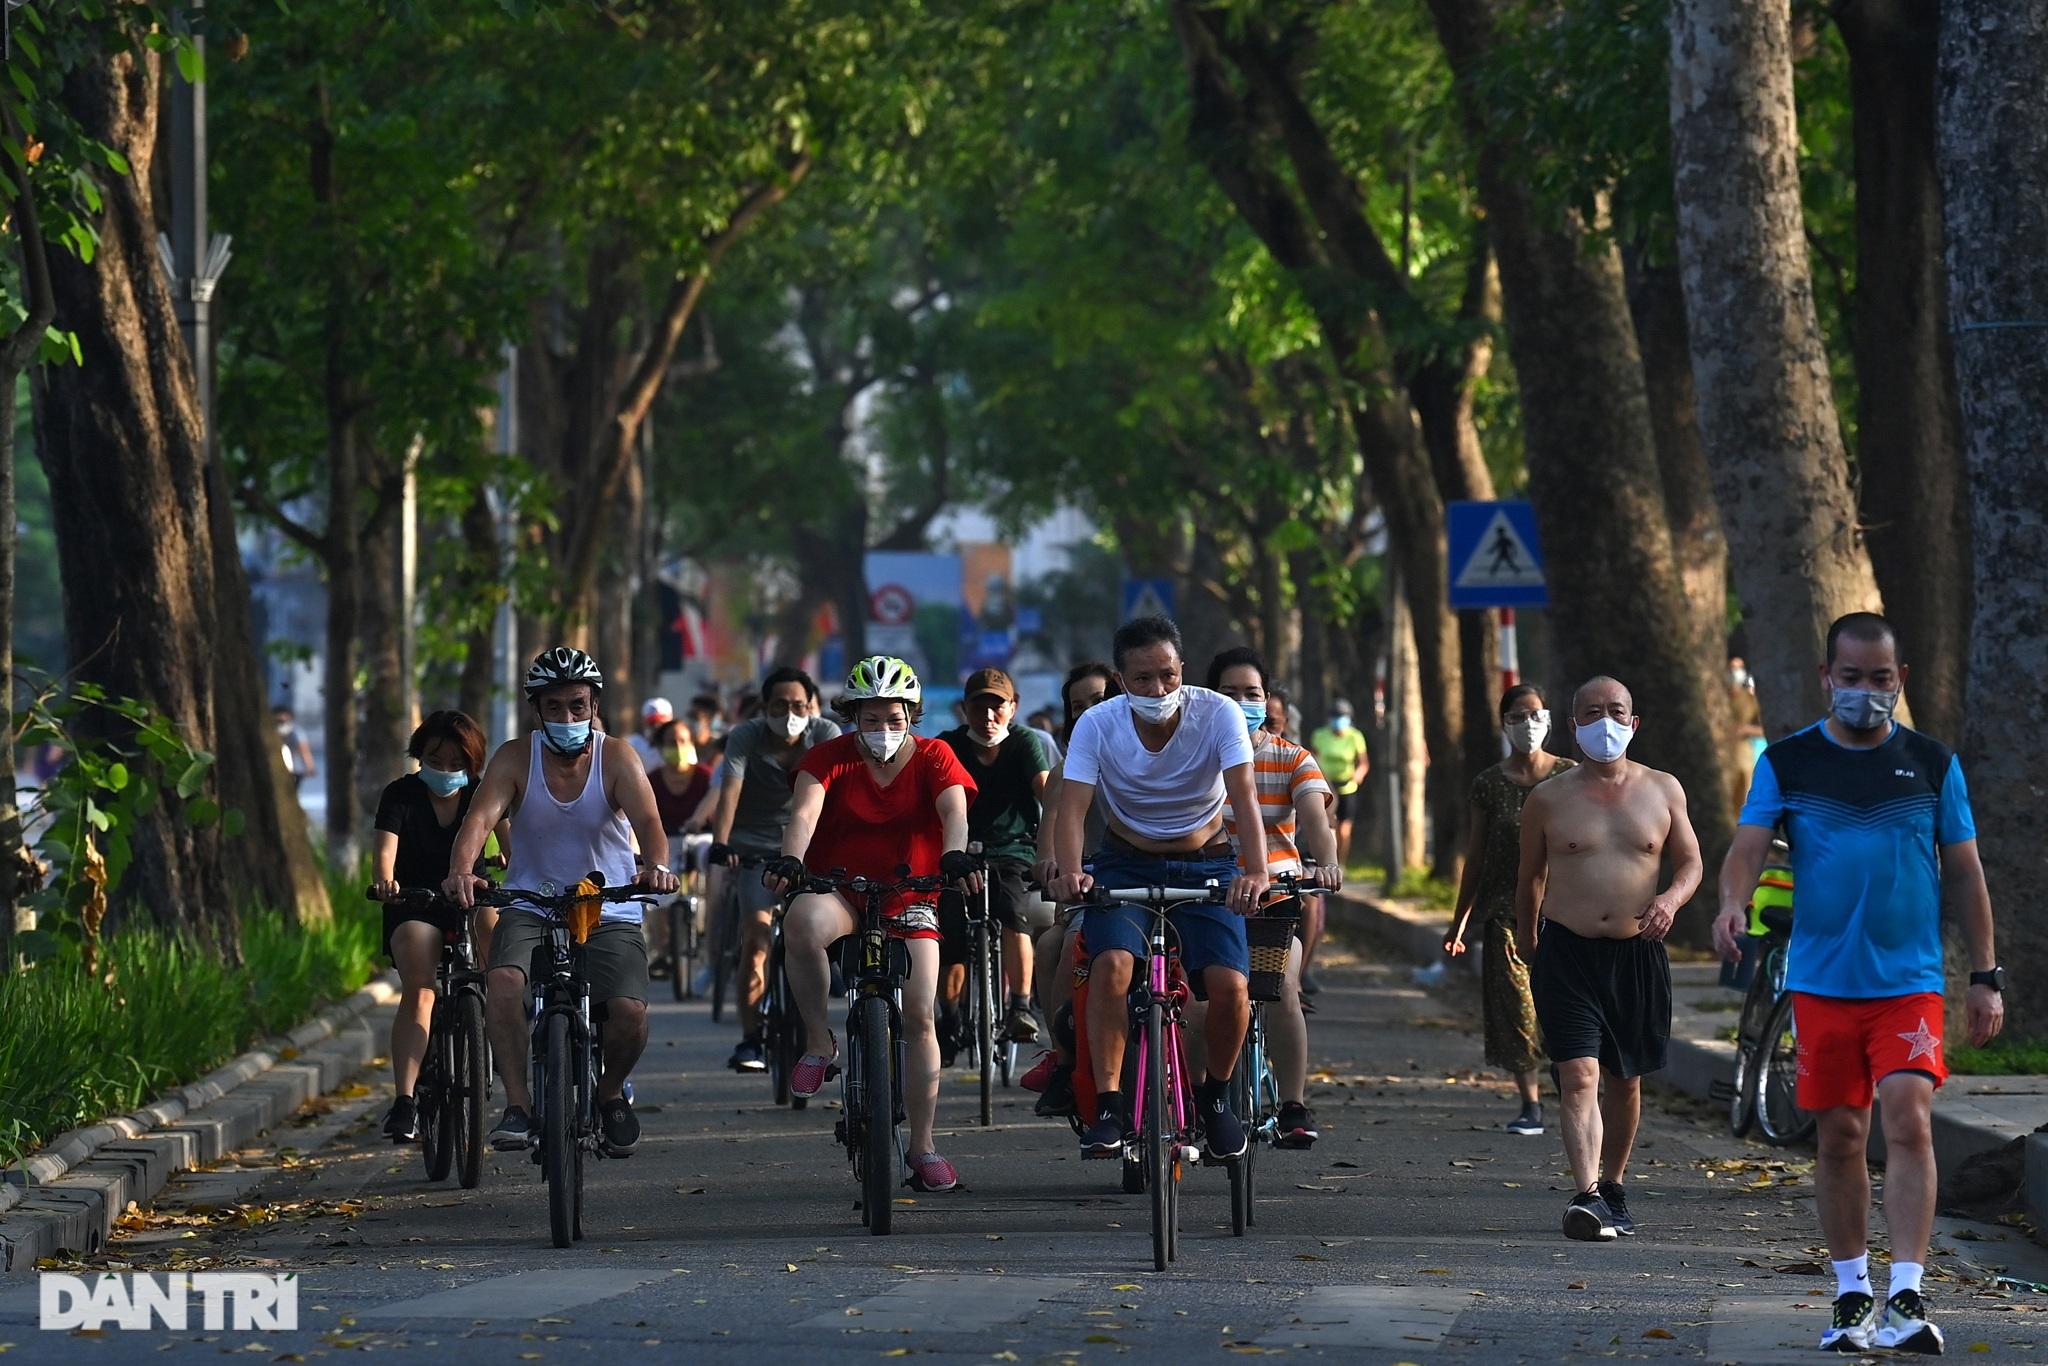 Hồ Gươm biến thành trường đua xe đạp, chật ních người đi bộ tập thể dục - 3